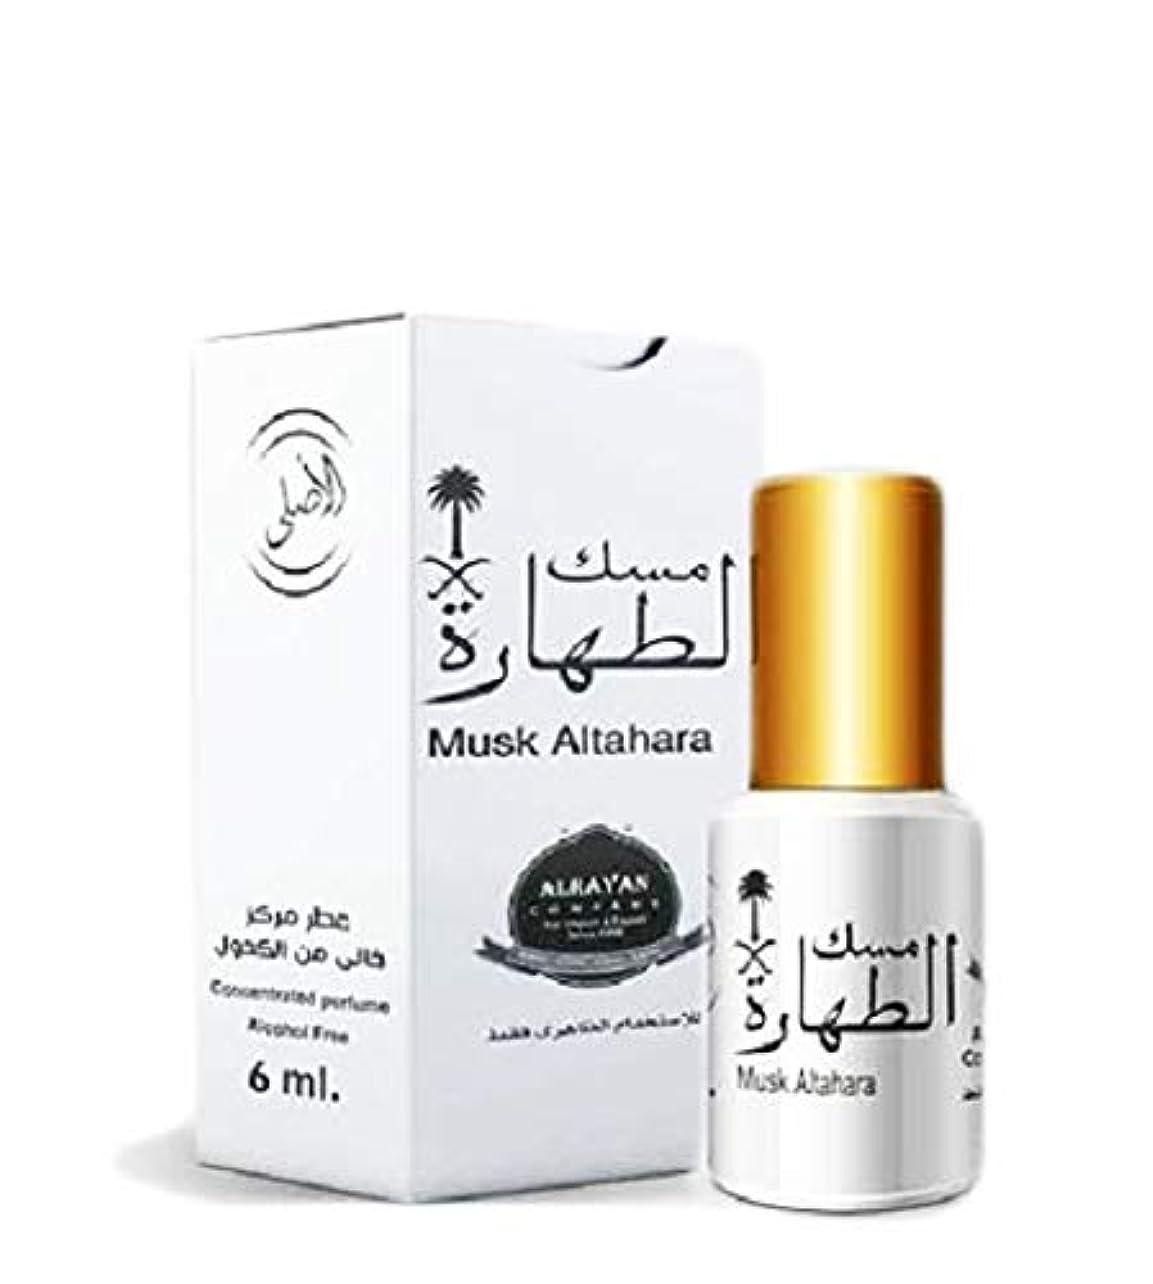 耳役割なのでMusk Al tahara Pure Saudi Altahara Perfume White & Black 6 ml Oil Incense Scented Unisex Body Fragrance Alcohol Free (1 Bottle = 6 ml, White)